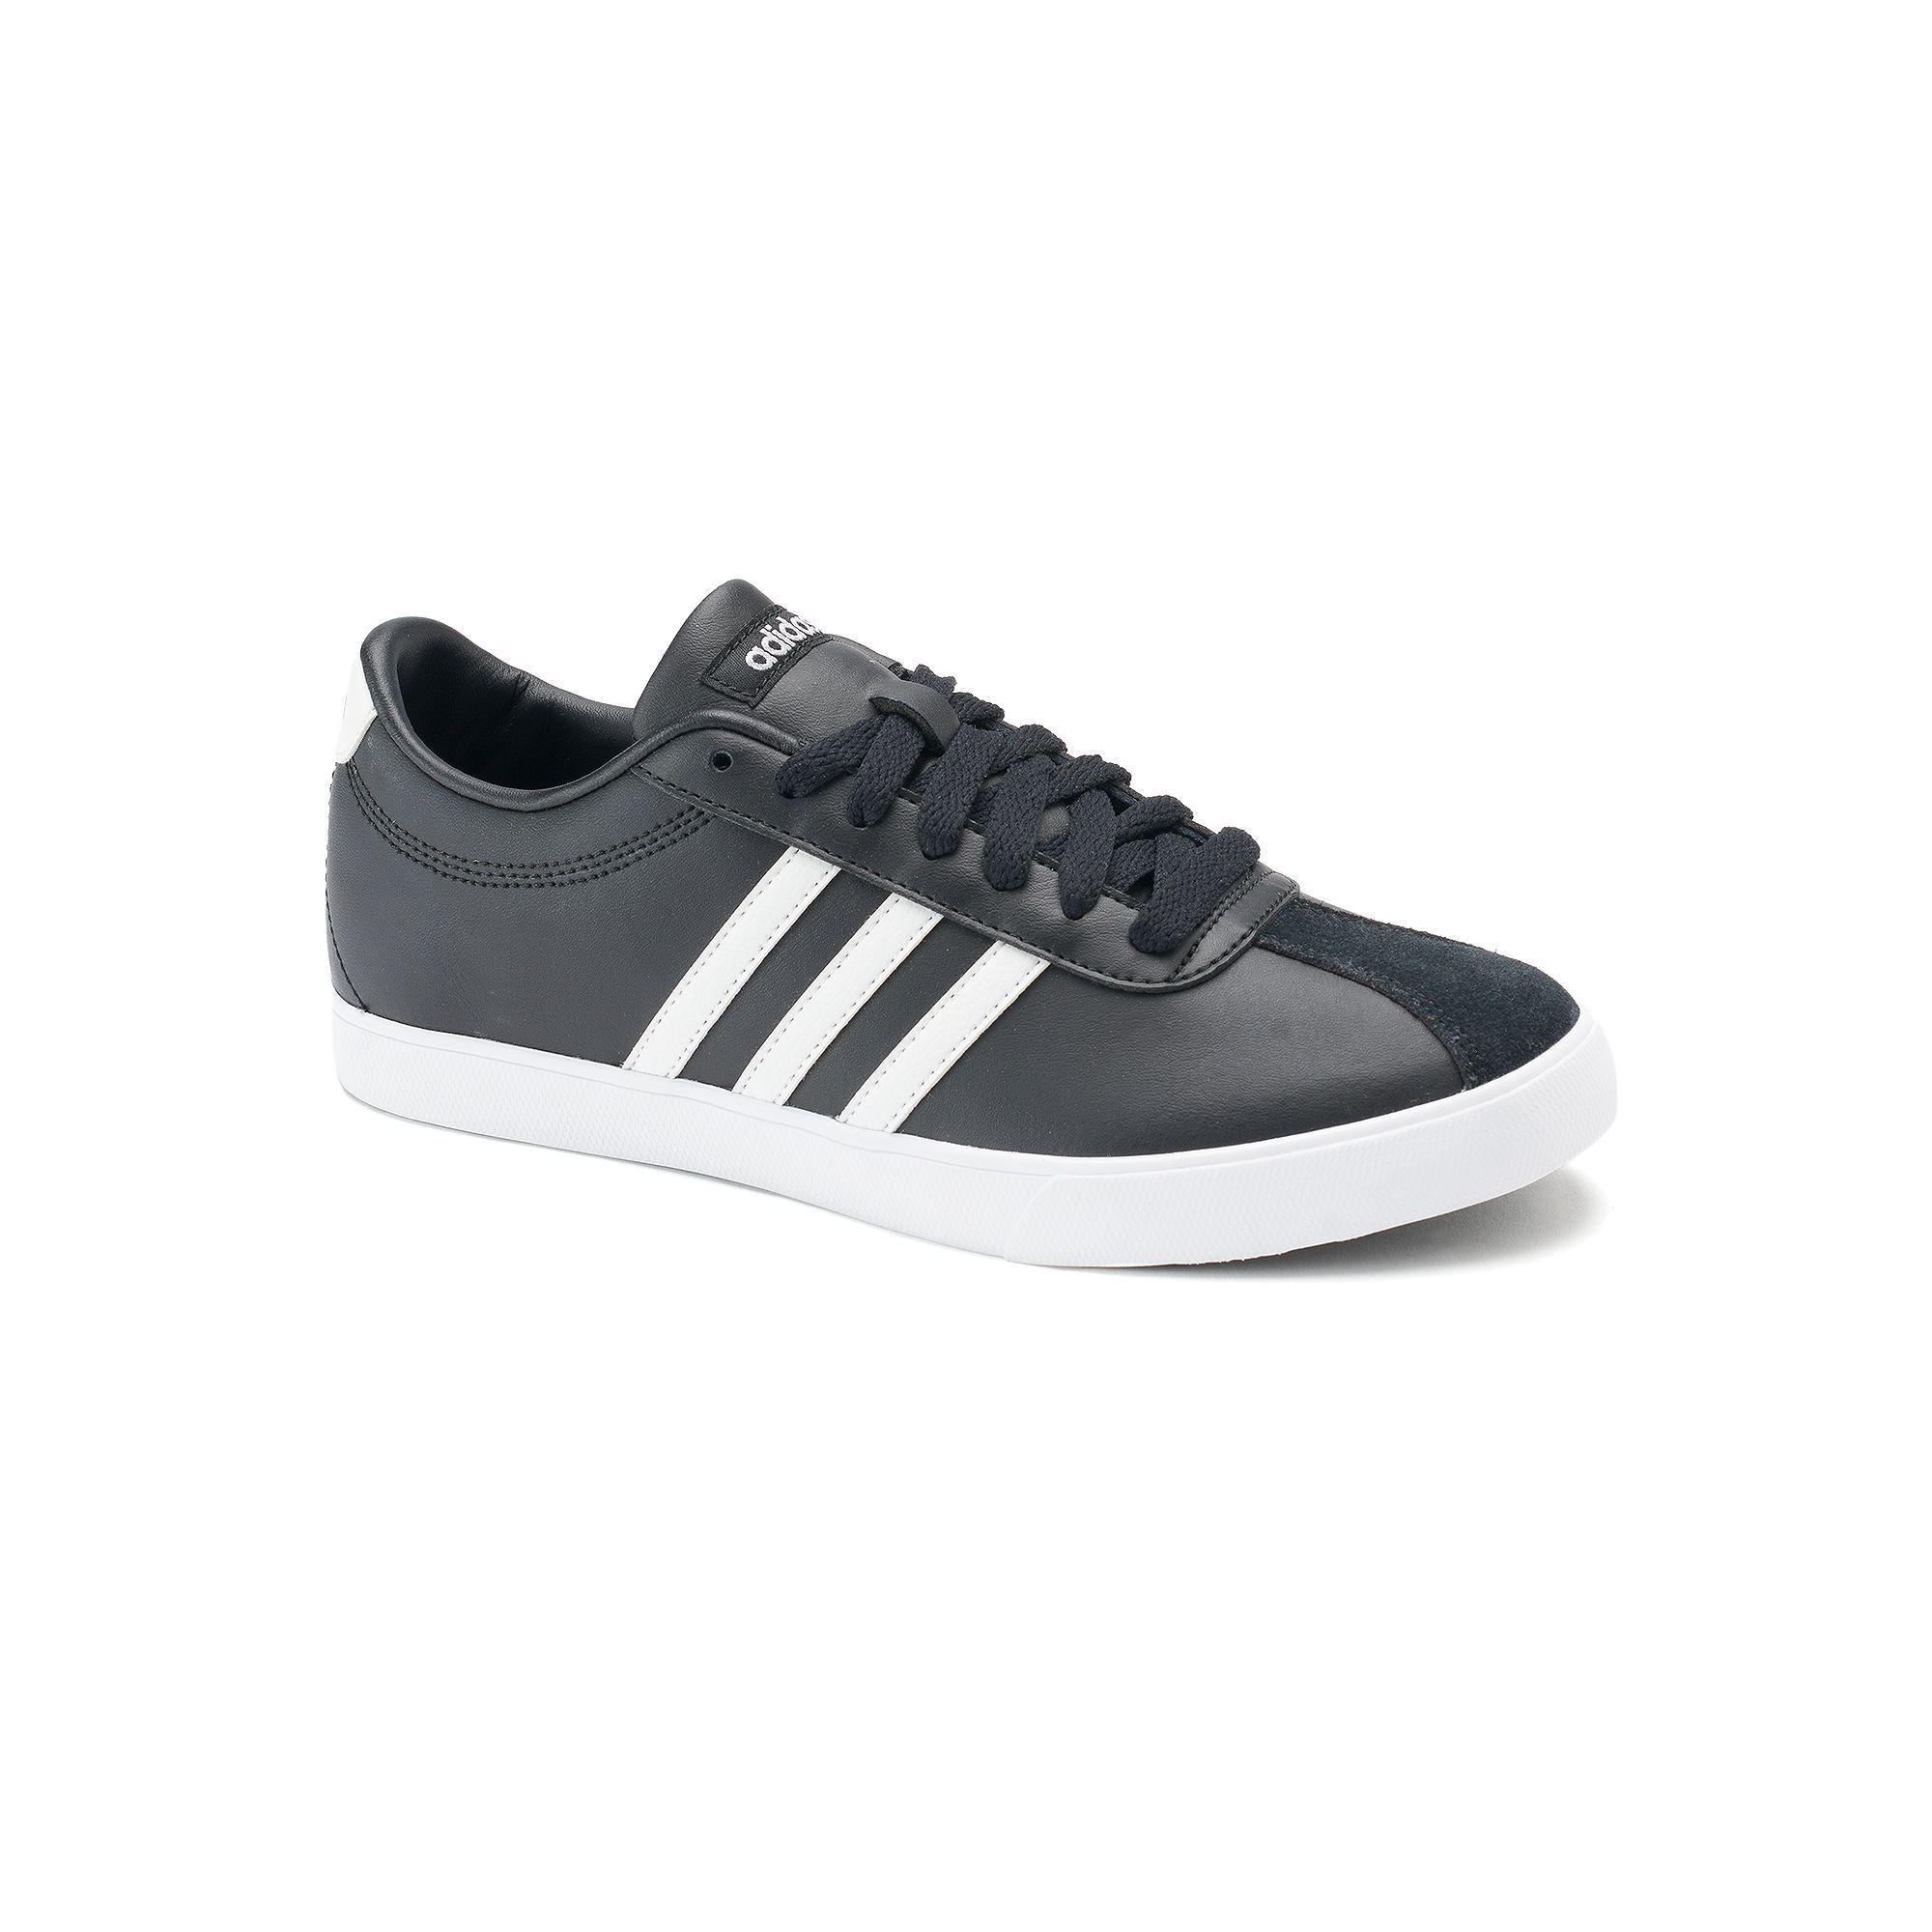 3d71284dc2ca9d adidas NEO Courtset Women s Shoes